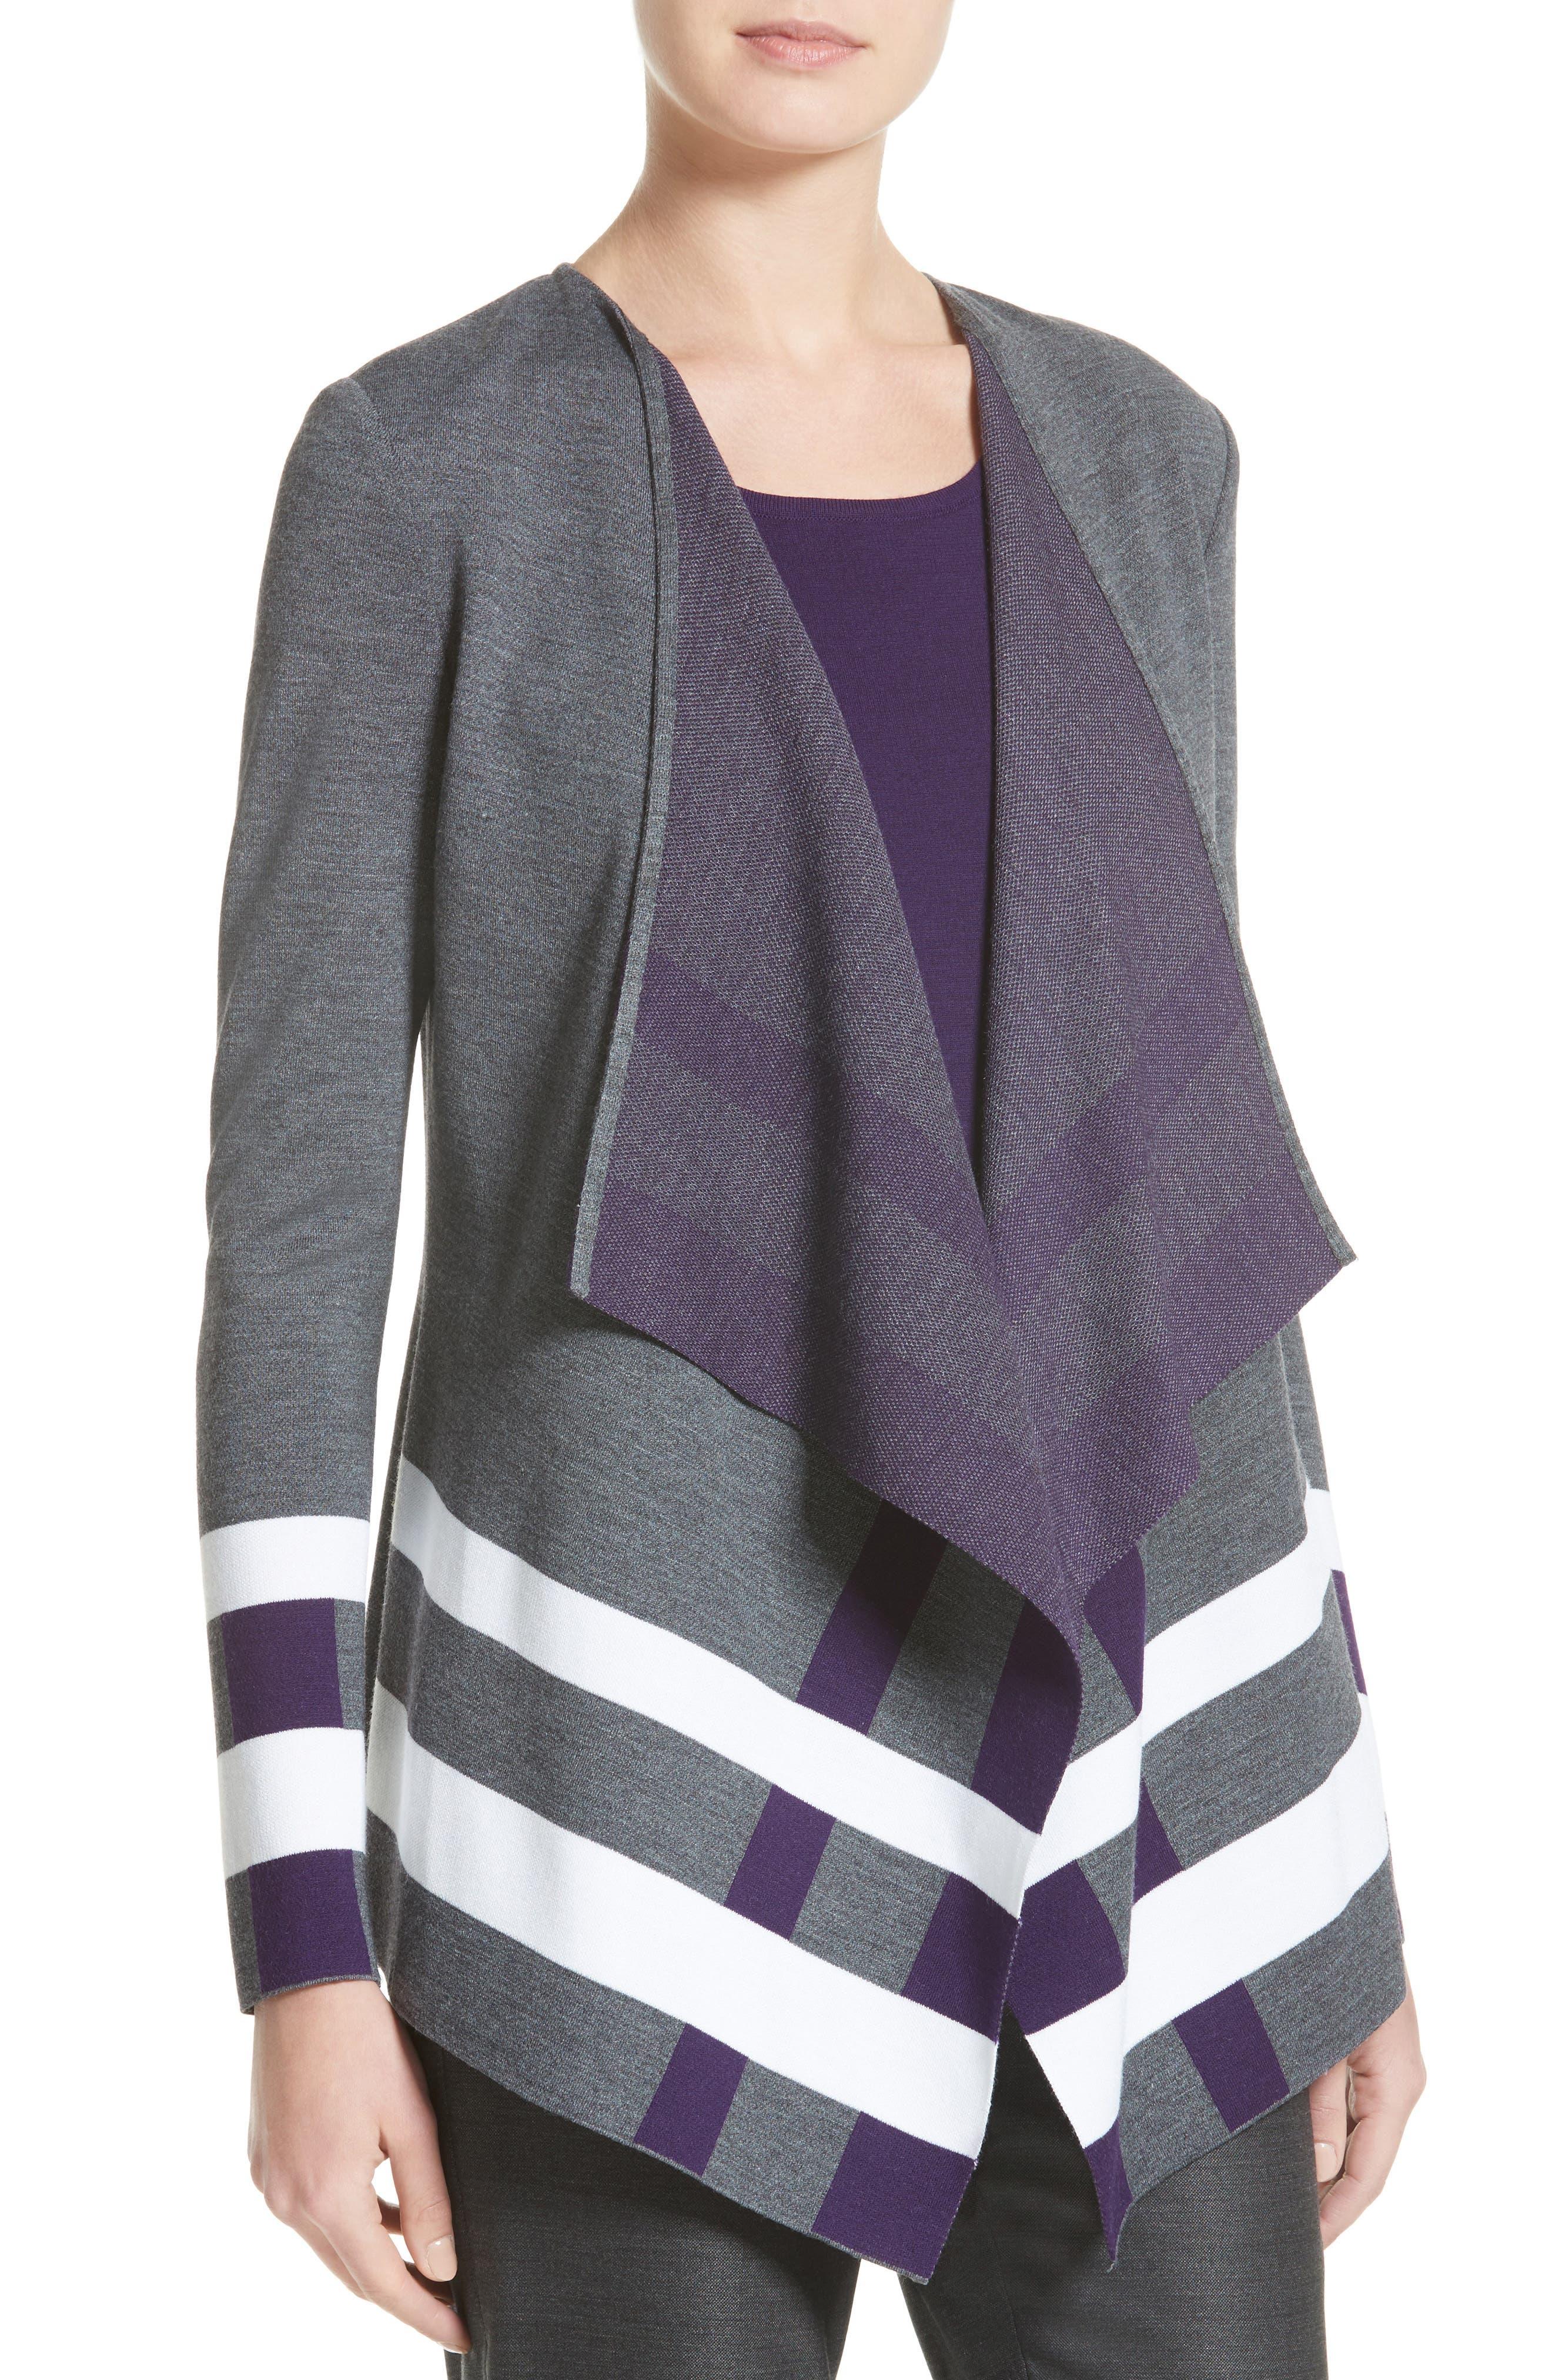 Milano Knit Jacquard Drape Front Jacket,                             Alternate thumbnail 4, color,                             030